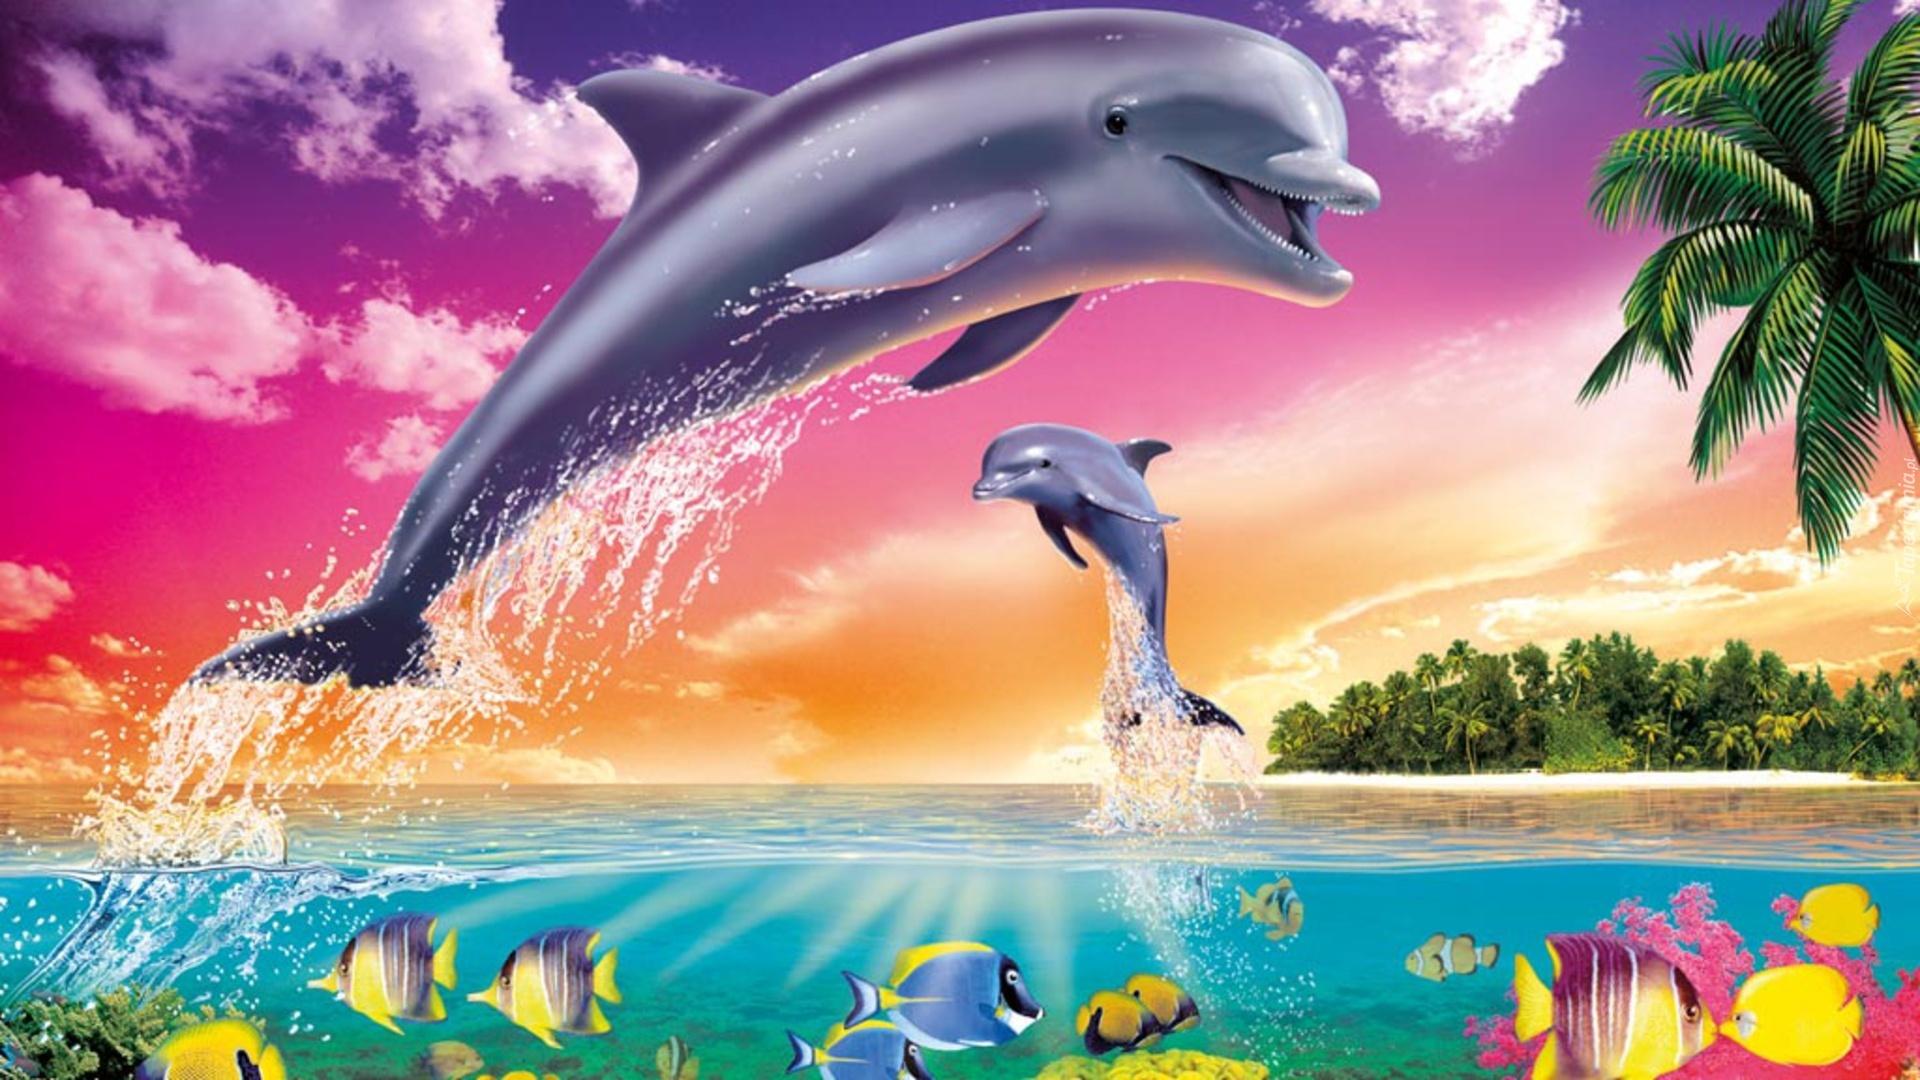 Картинки с дельфинами и лошадками